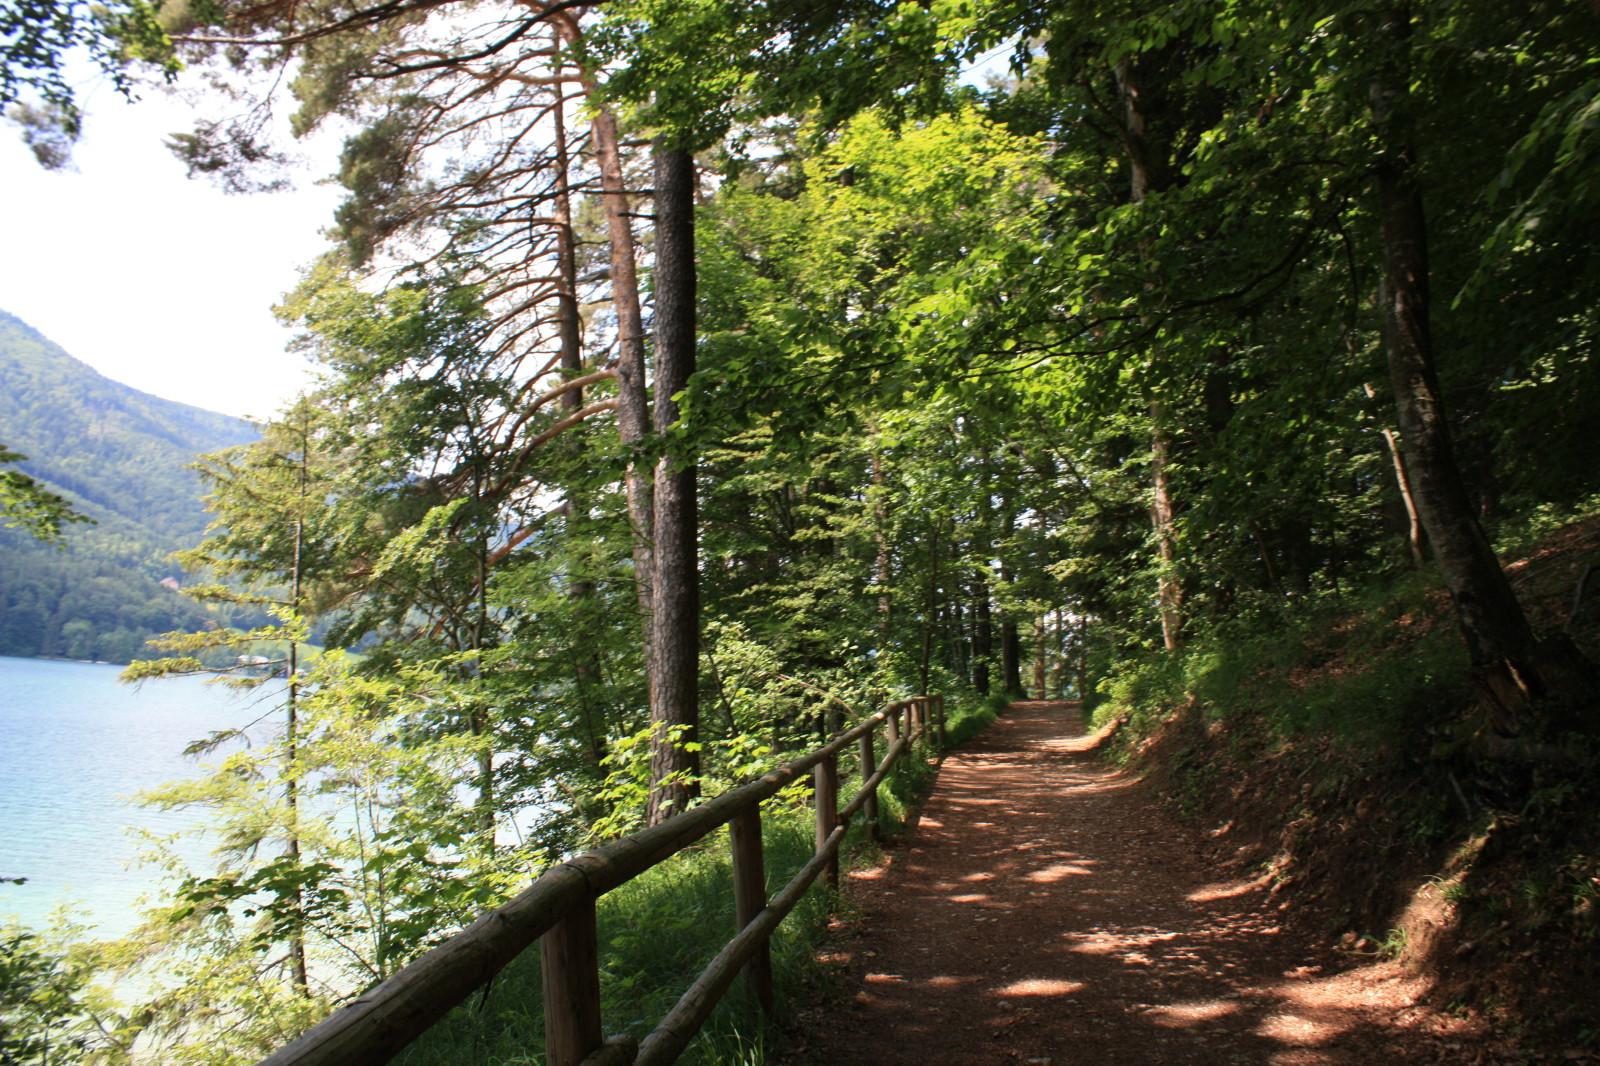 Der Weg führt durch den Wald...